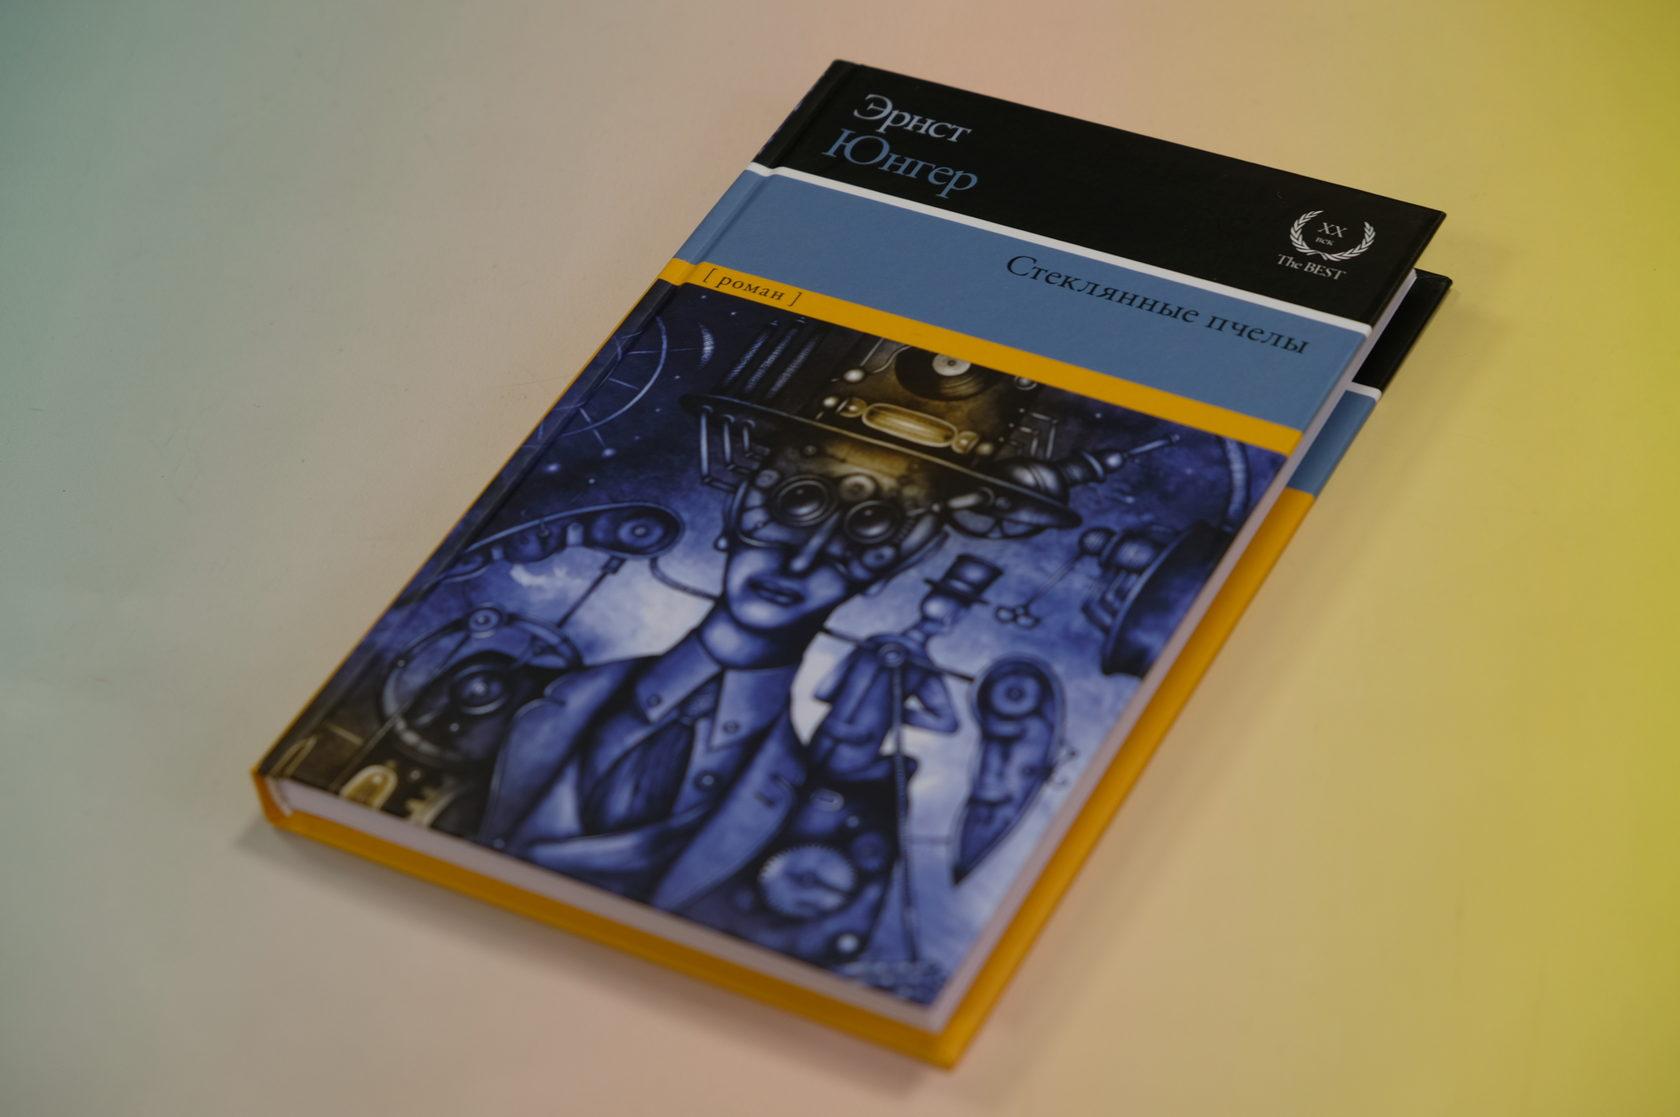 Купить книгу Эрнст Юнгер «Стеклянные пчелы» 978-5-17-107086-1